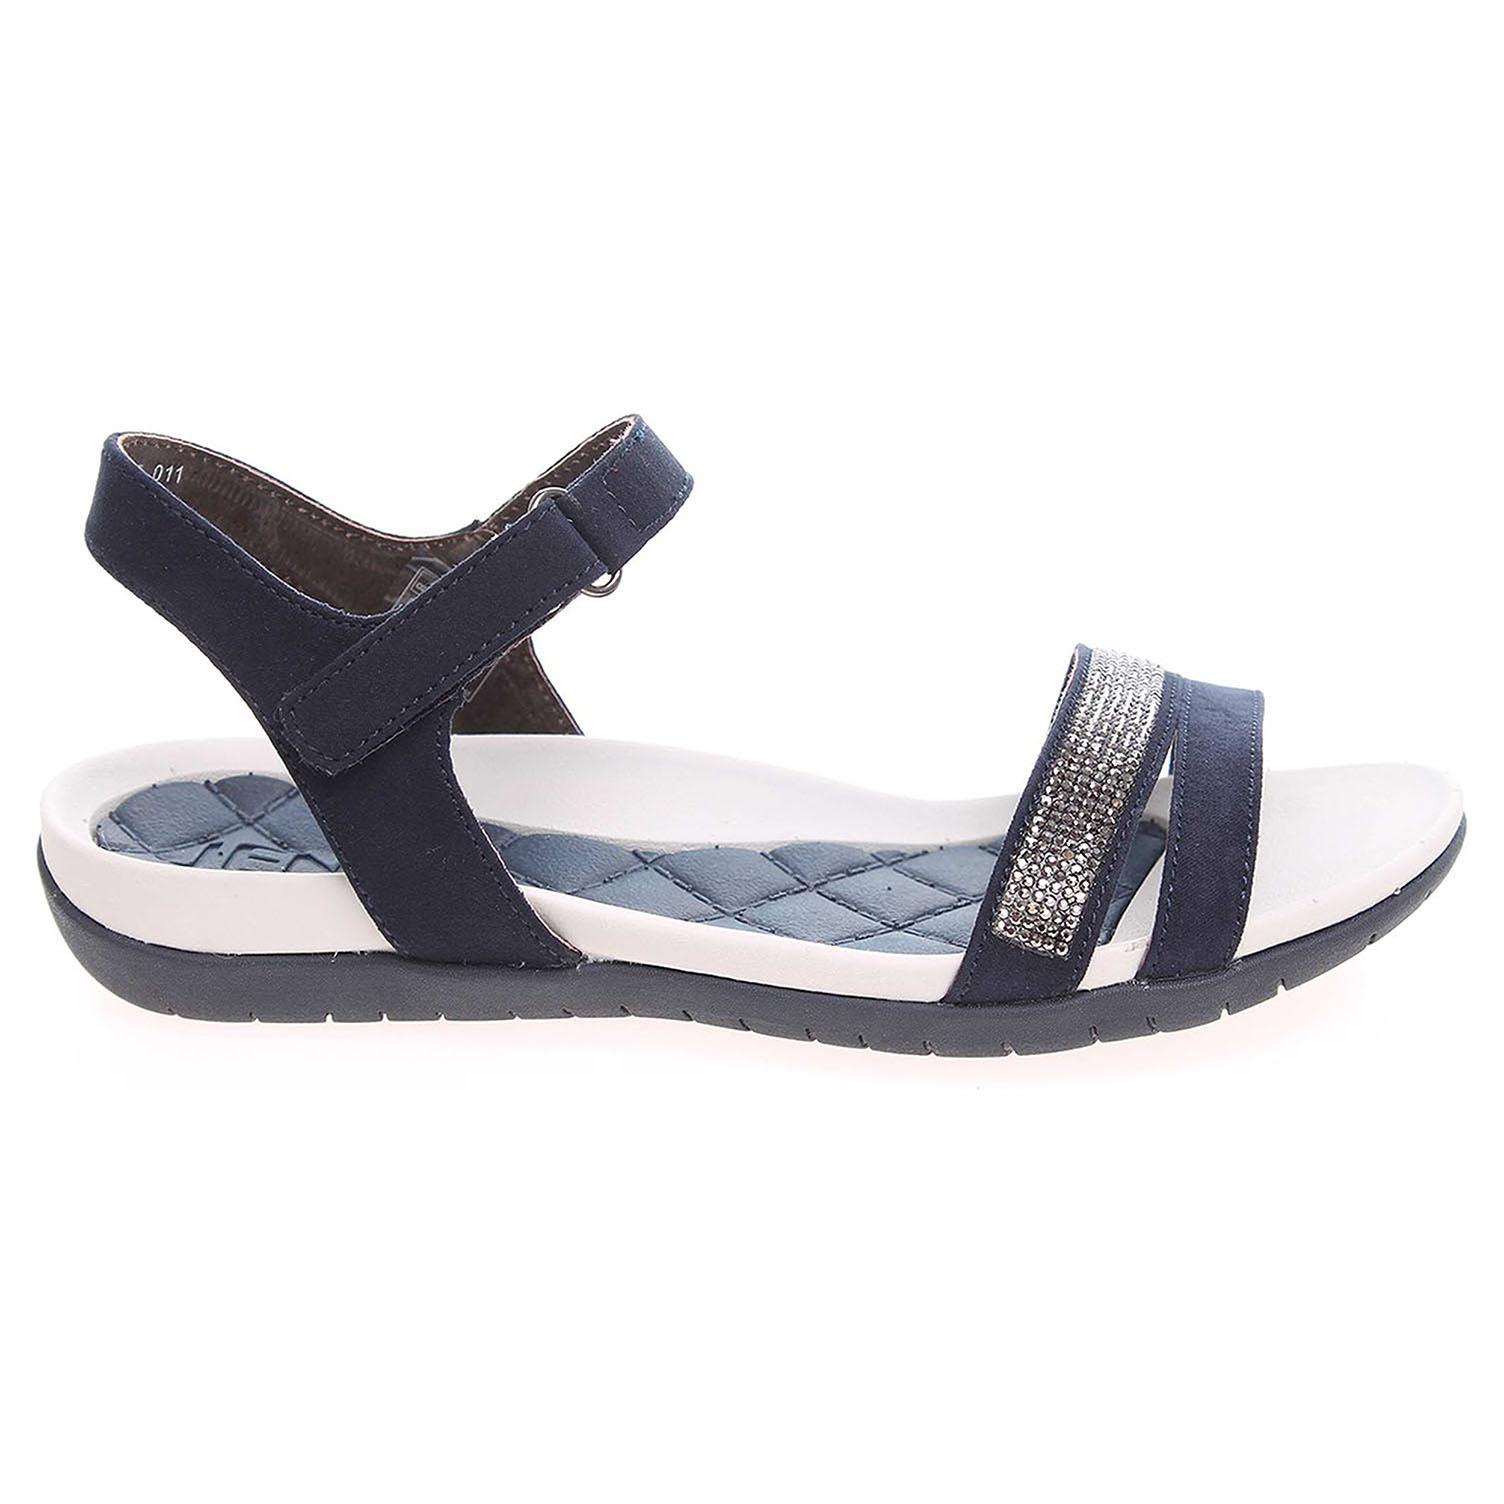 Ecco Ara dámské sandály 55909-02 modré 23801076